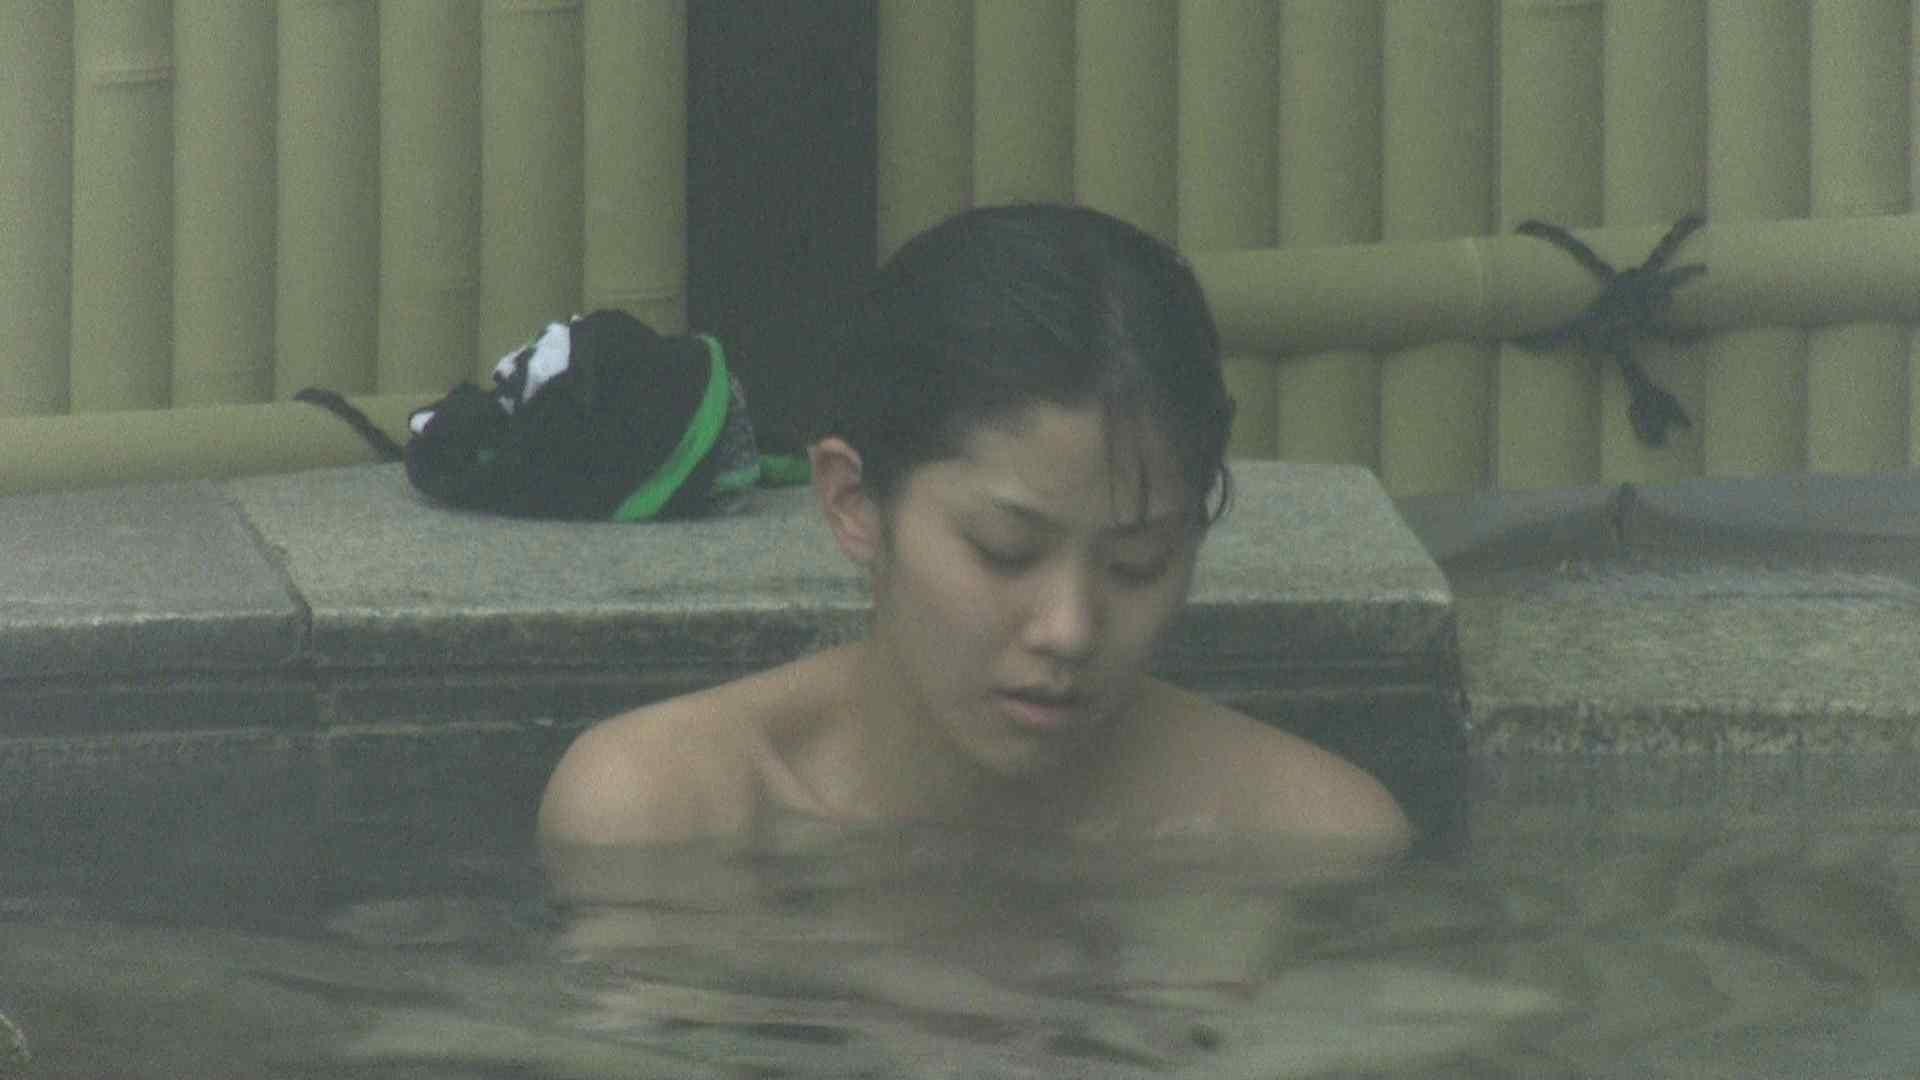 Aquaな露天風呂Vol.174 盗撮シリーズ  86PIX 42